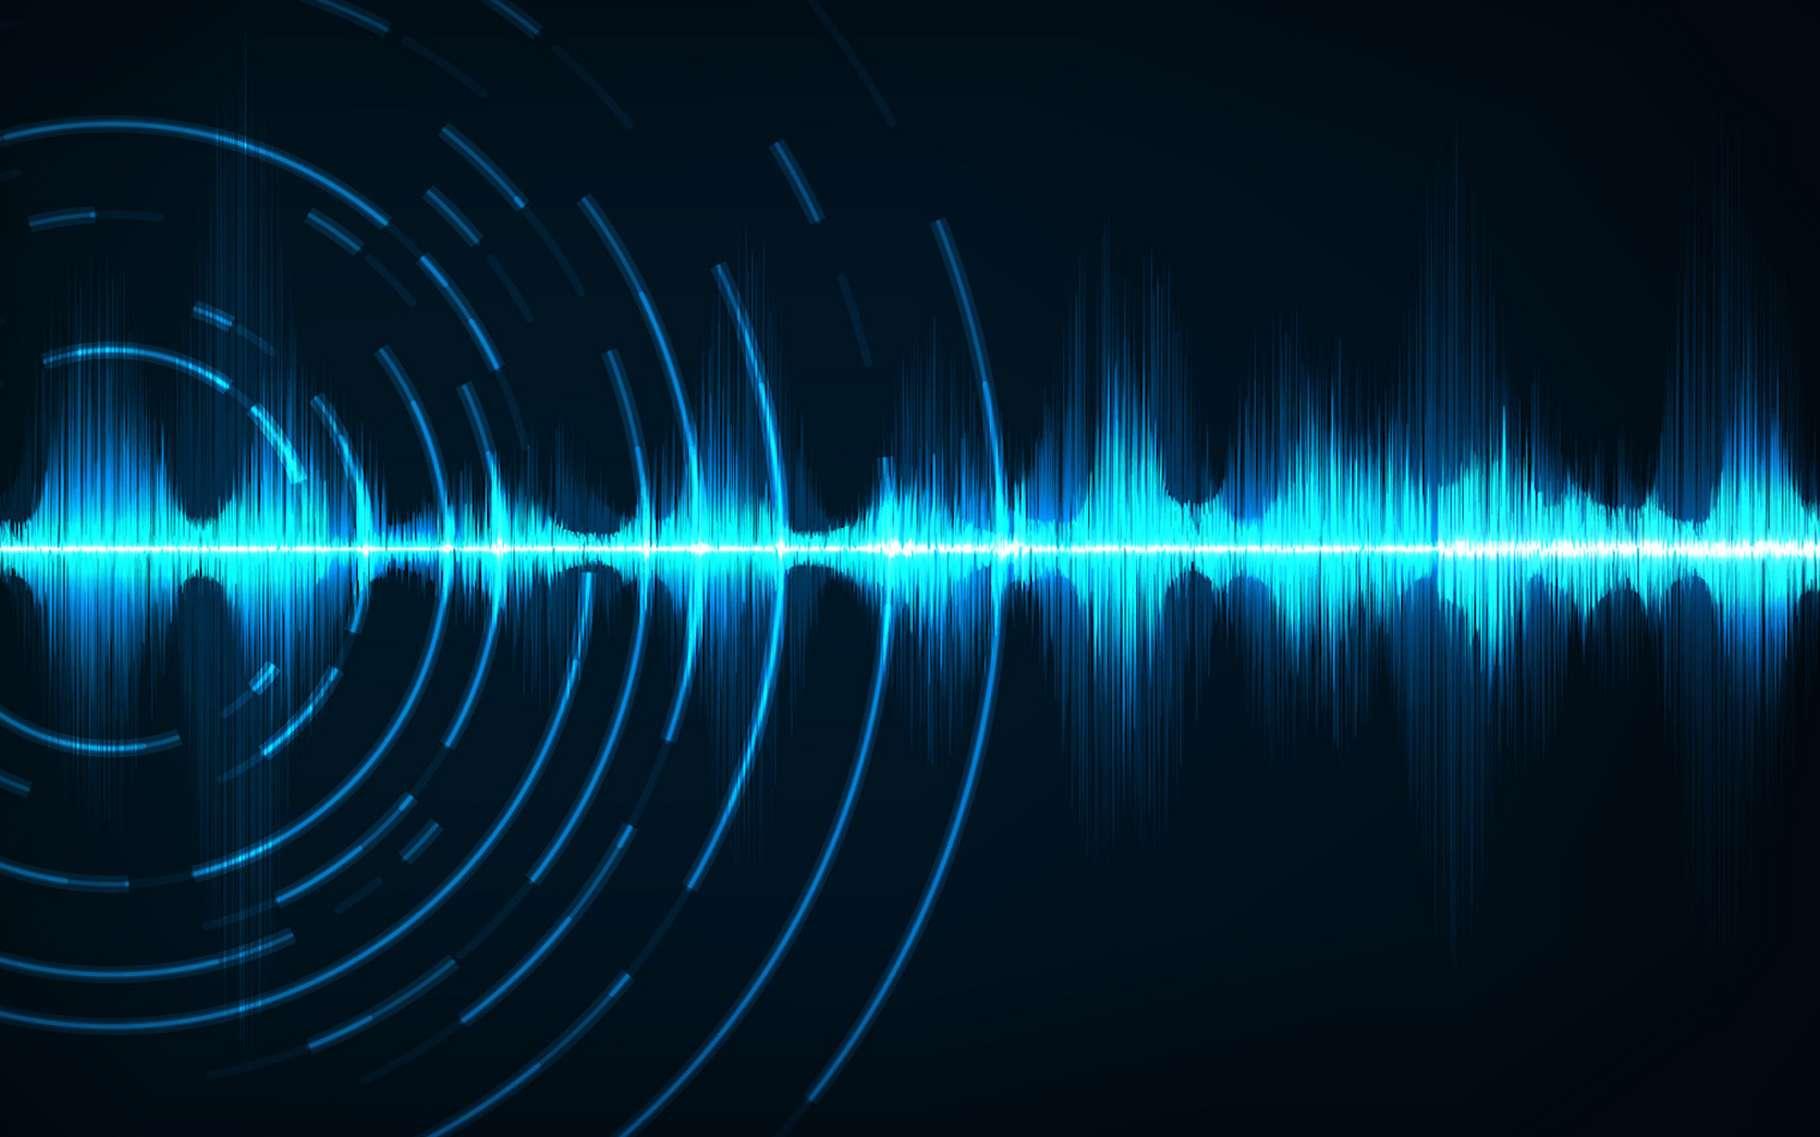 Grâce à un laser dont le faisceau est absorbé par la vapeur d'eau contenue dans l'air, des chercheurs sont parvenus à générer et à transmettre des sons par voie aérienne, et de manière hautement ciblée dans un environnement bruyant. © your123, Fotolia